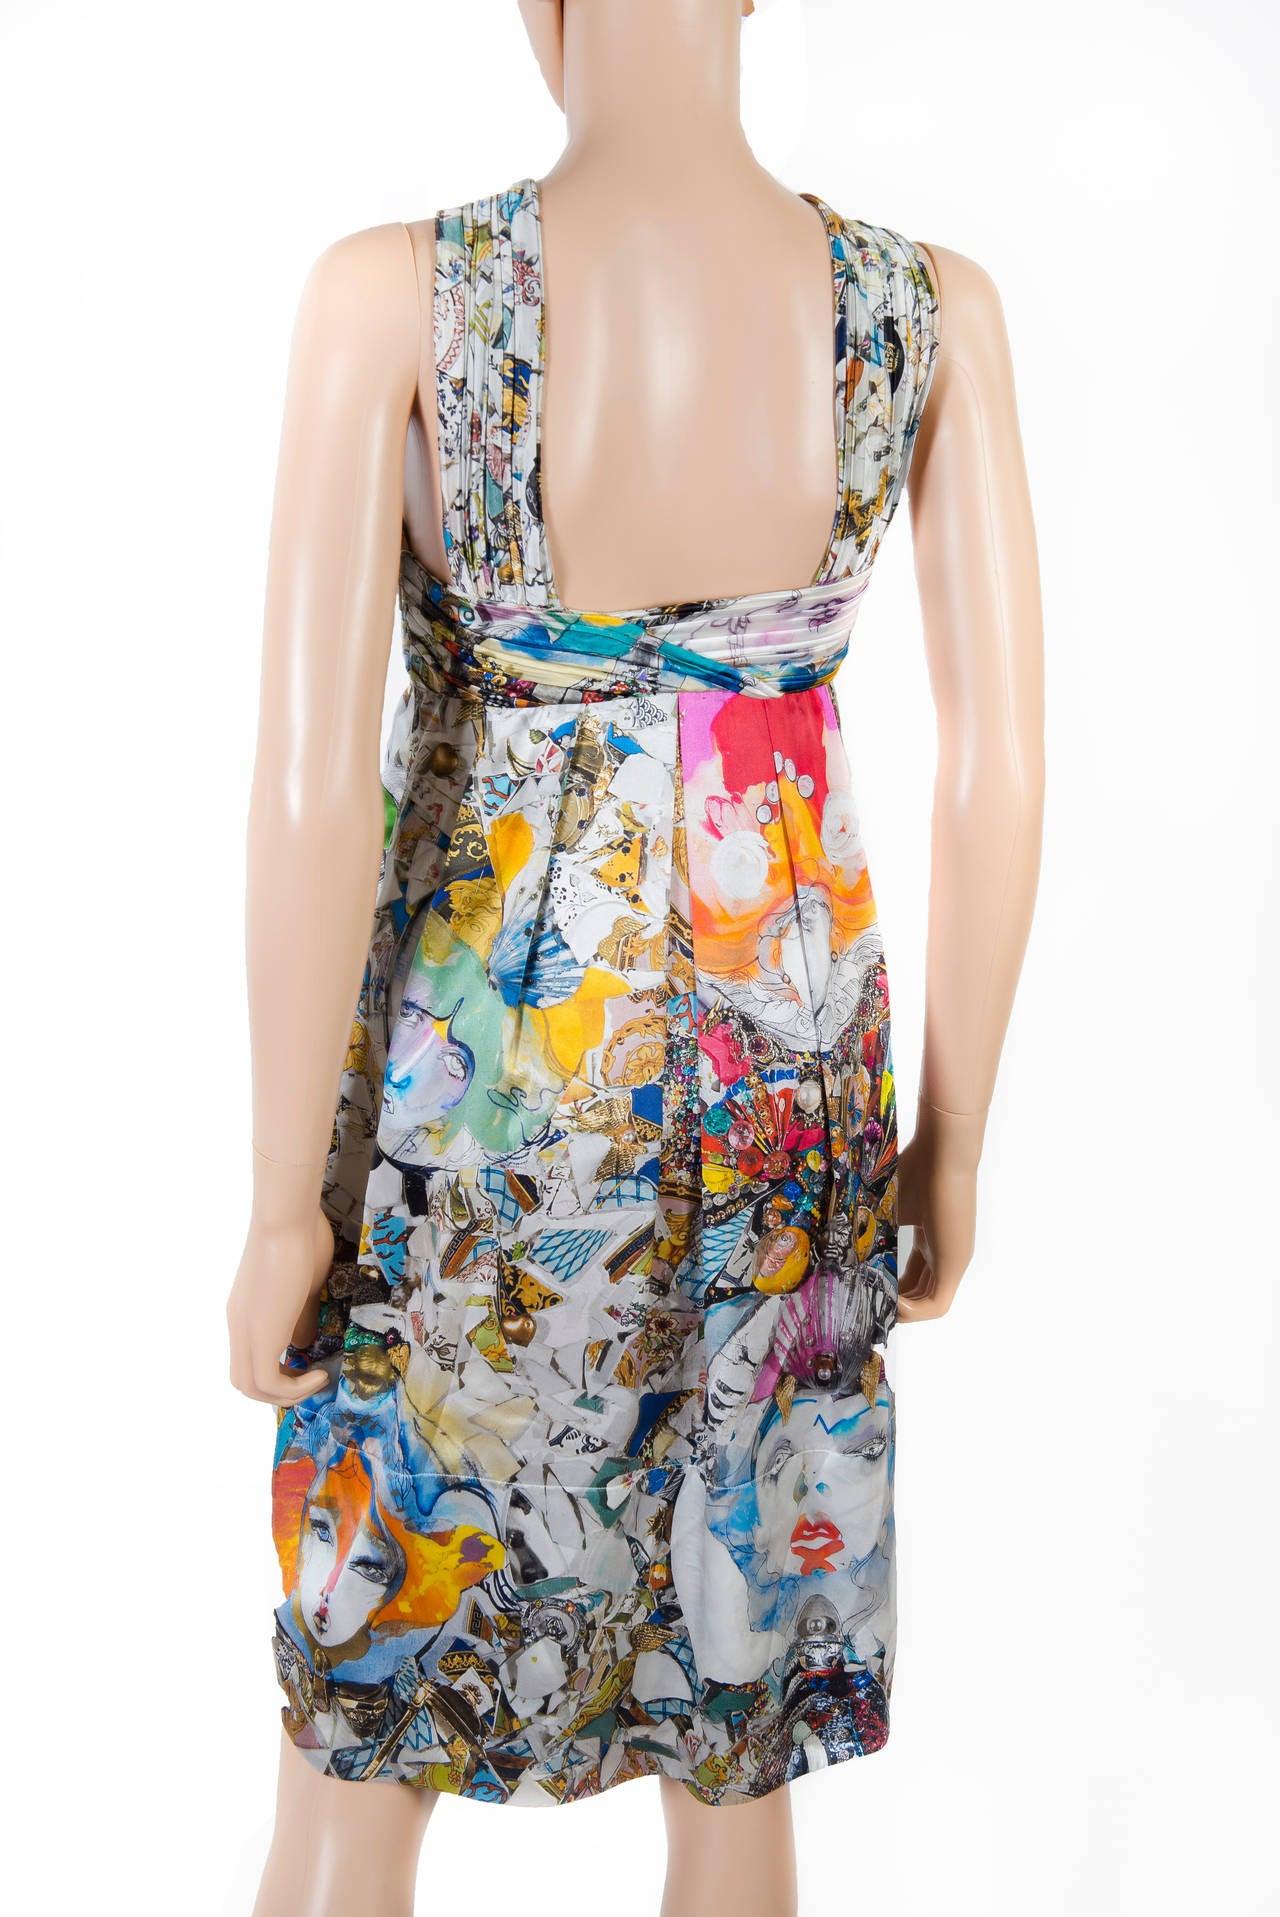 New VERSACE Julie Verhoeven Print Silk Dress 5